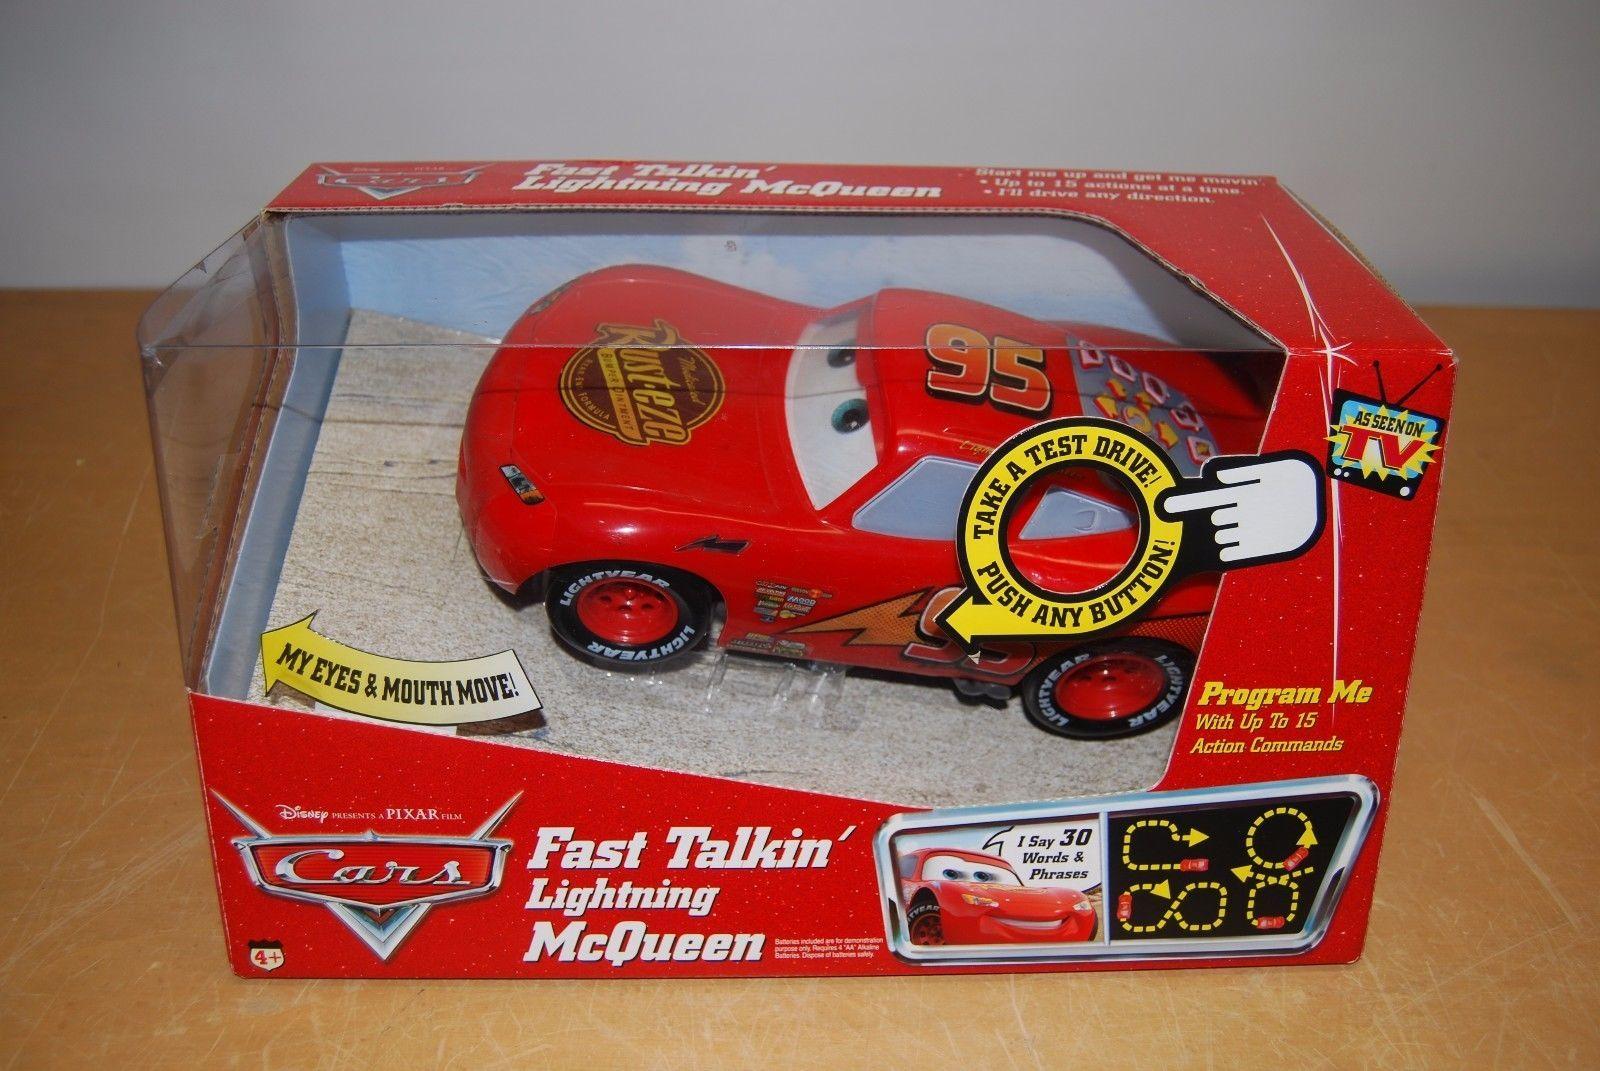 Disney Fast Talkin Lightning Mcqueen Rc Car Mib Programable - Lightning mcqueen custom vinyl decals for carlightning mcqueen camaro car decals unique items racing